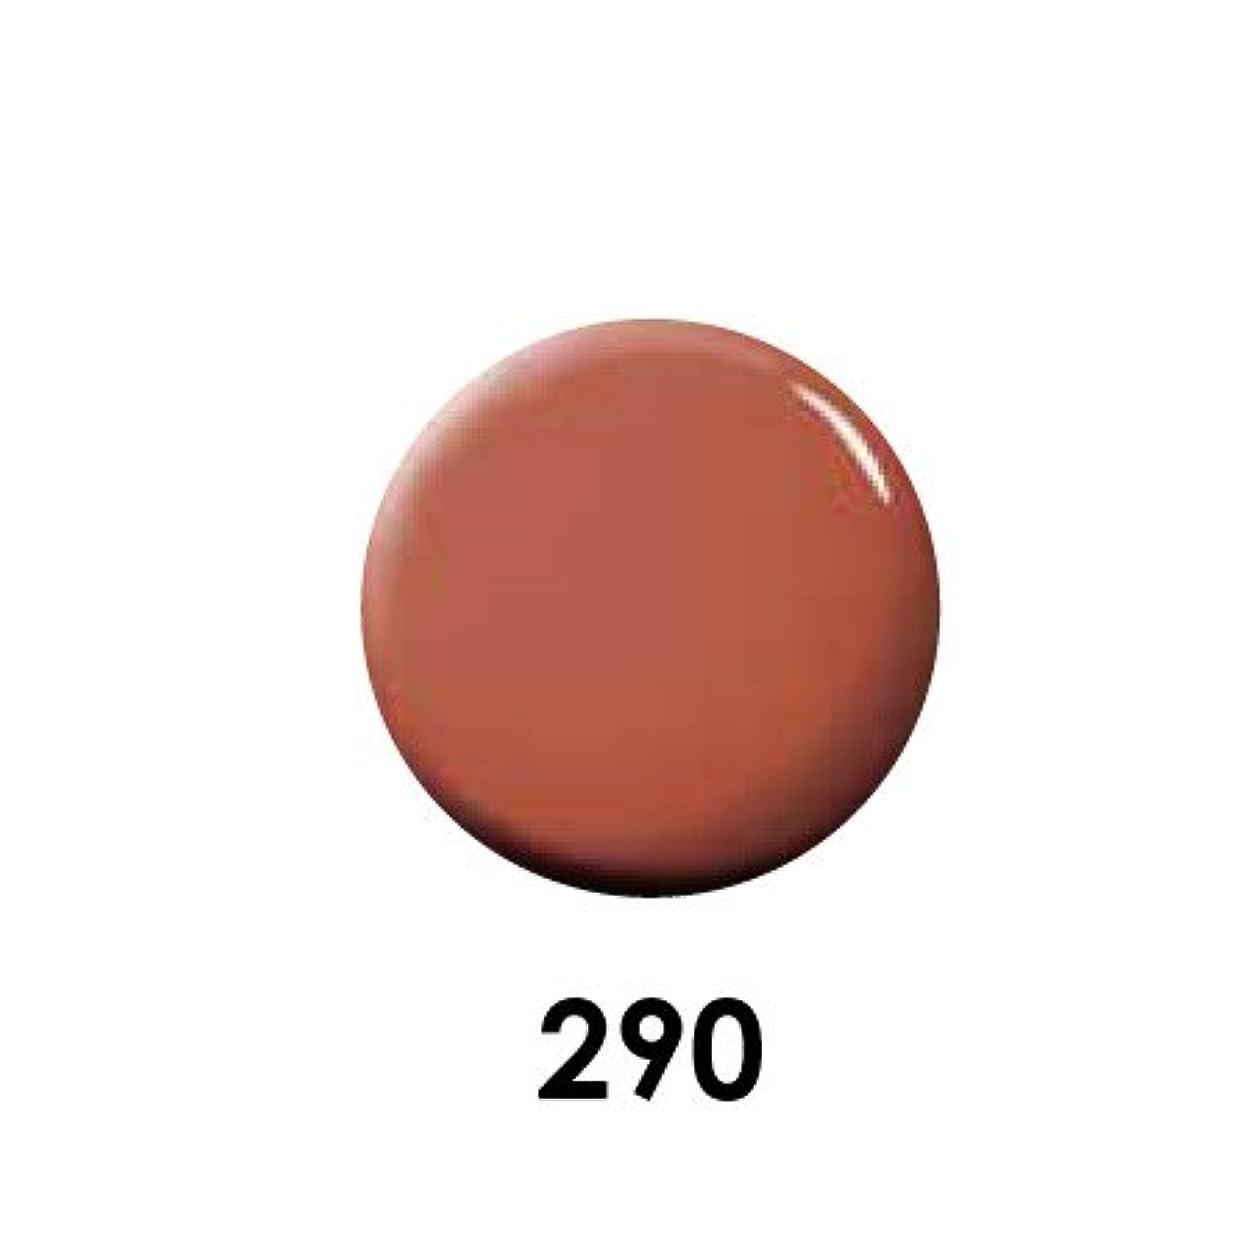 間に合わせここに食品Putiel プティール カラージェル 290 レッドソイル 2g (MARIEプロデュース)